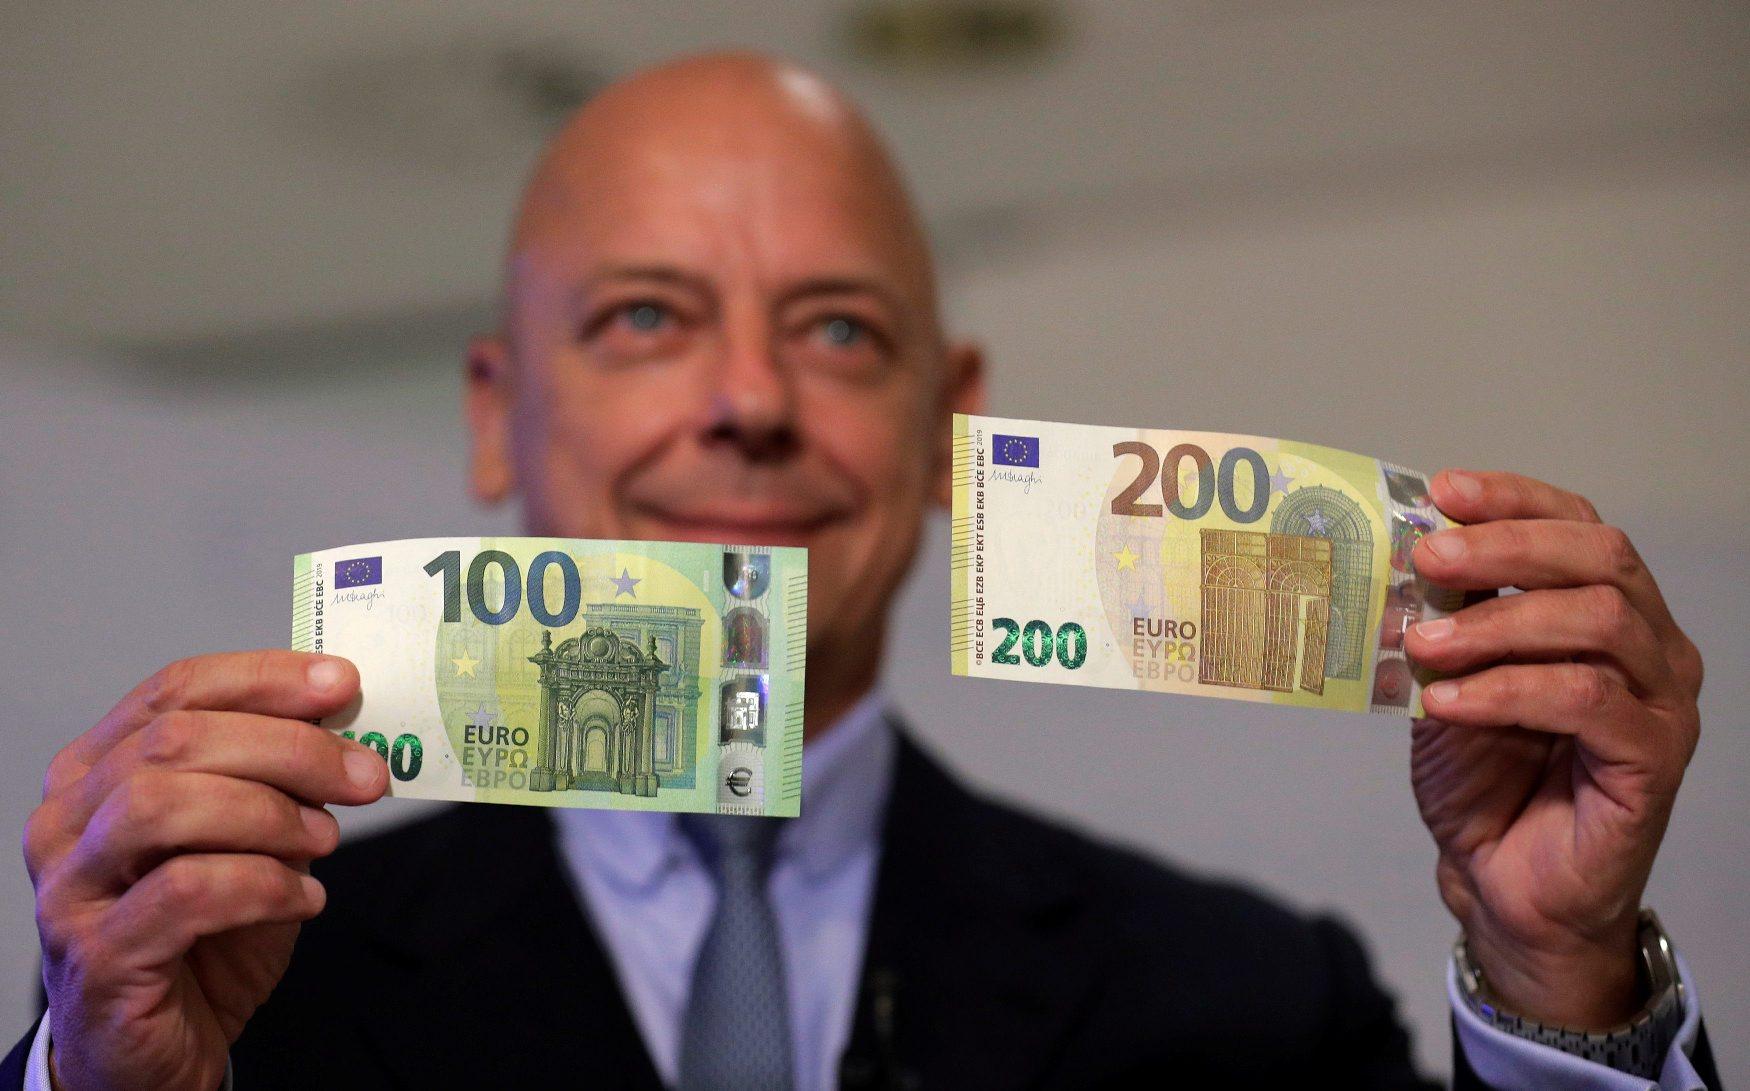 Guverner Središnje banke Austrije Kurt Pribil s novim novčanicama od 100 i 200 eura